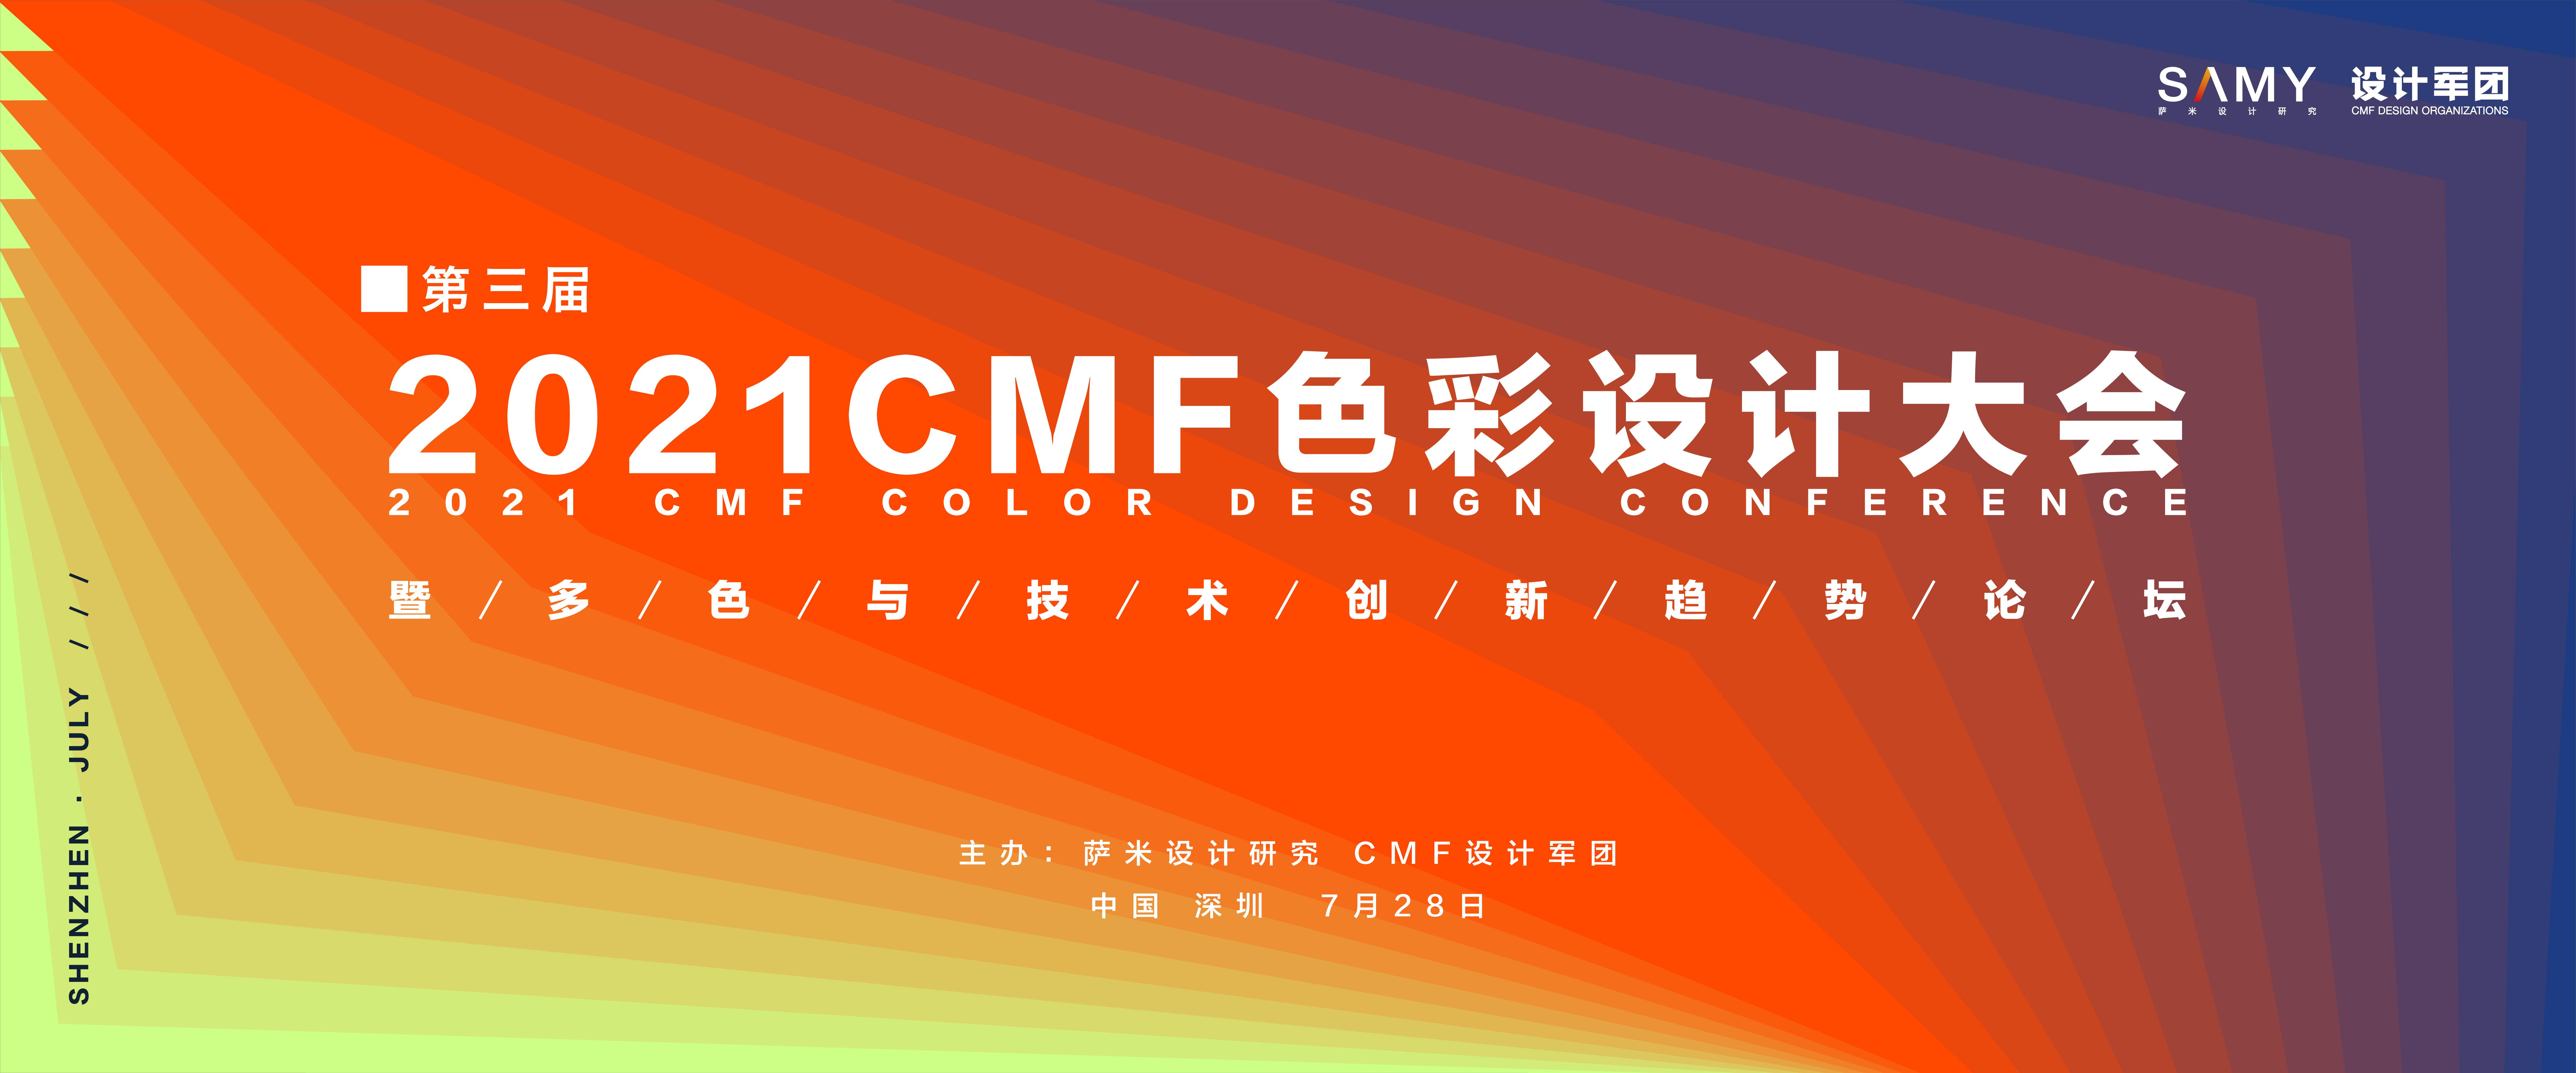 第三届CMF⾊彩设计⼤会暨多⾊与技术创新趋势论坛(7.28深圳)